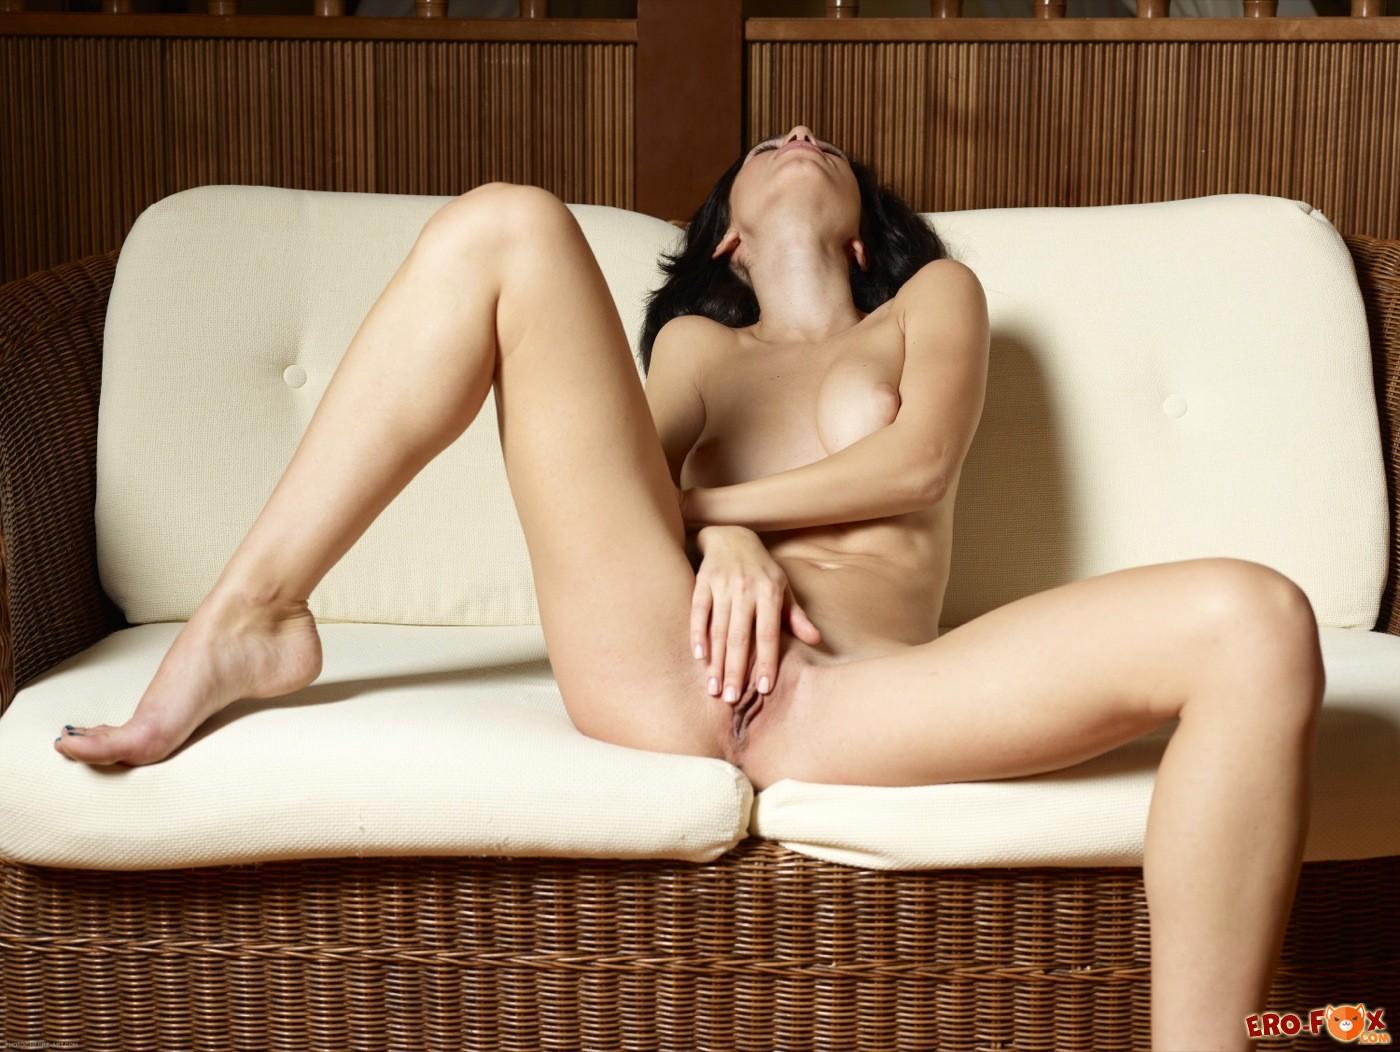 Девушка с красивой попочкой и упругими сиськами - фото